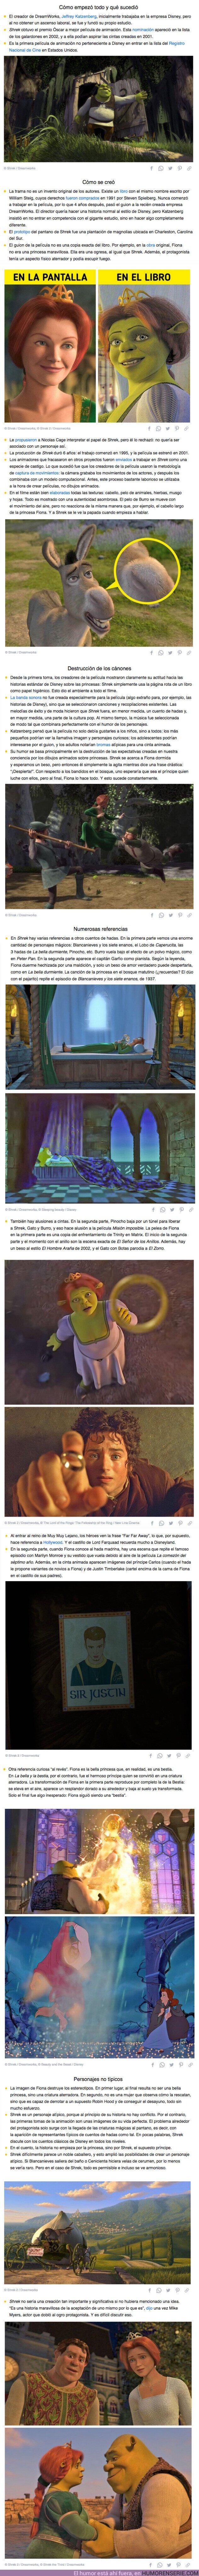 """69371 - GALERÍA: 20+ Hechos sobre """"Shrek"""", la serie de películas que se atrevió a destruir las reglas establecidas de la animación"""